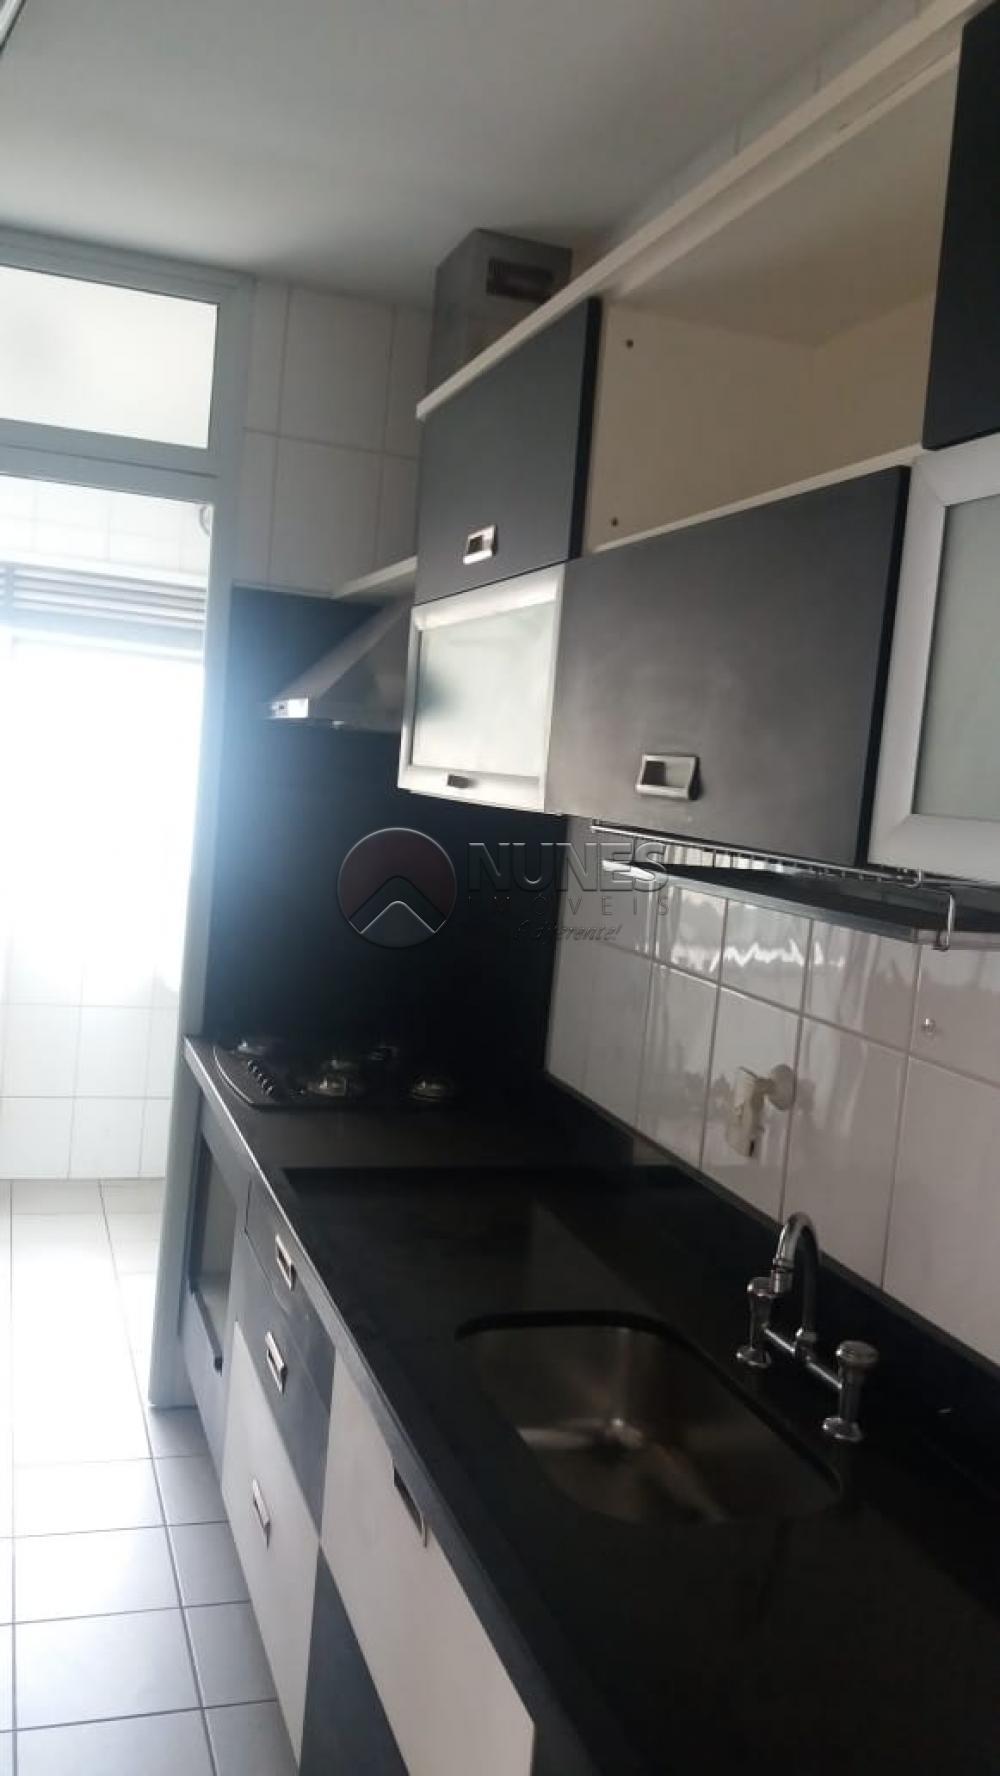 Comprar Apartamento / Padrão em São Paulo apenas R$ 640.000,00 - Foto 6